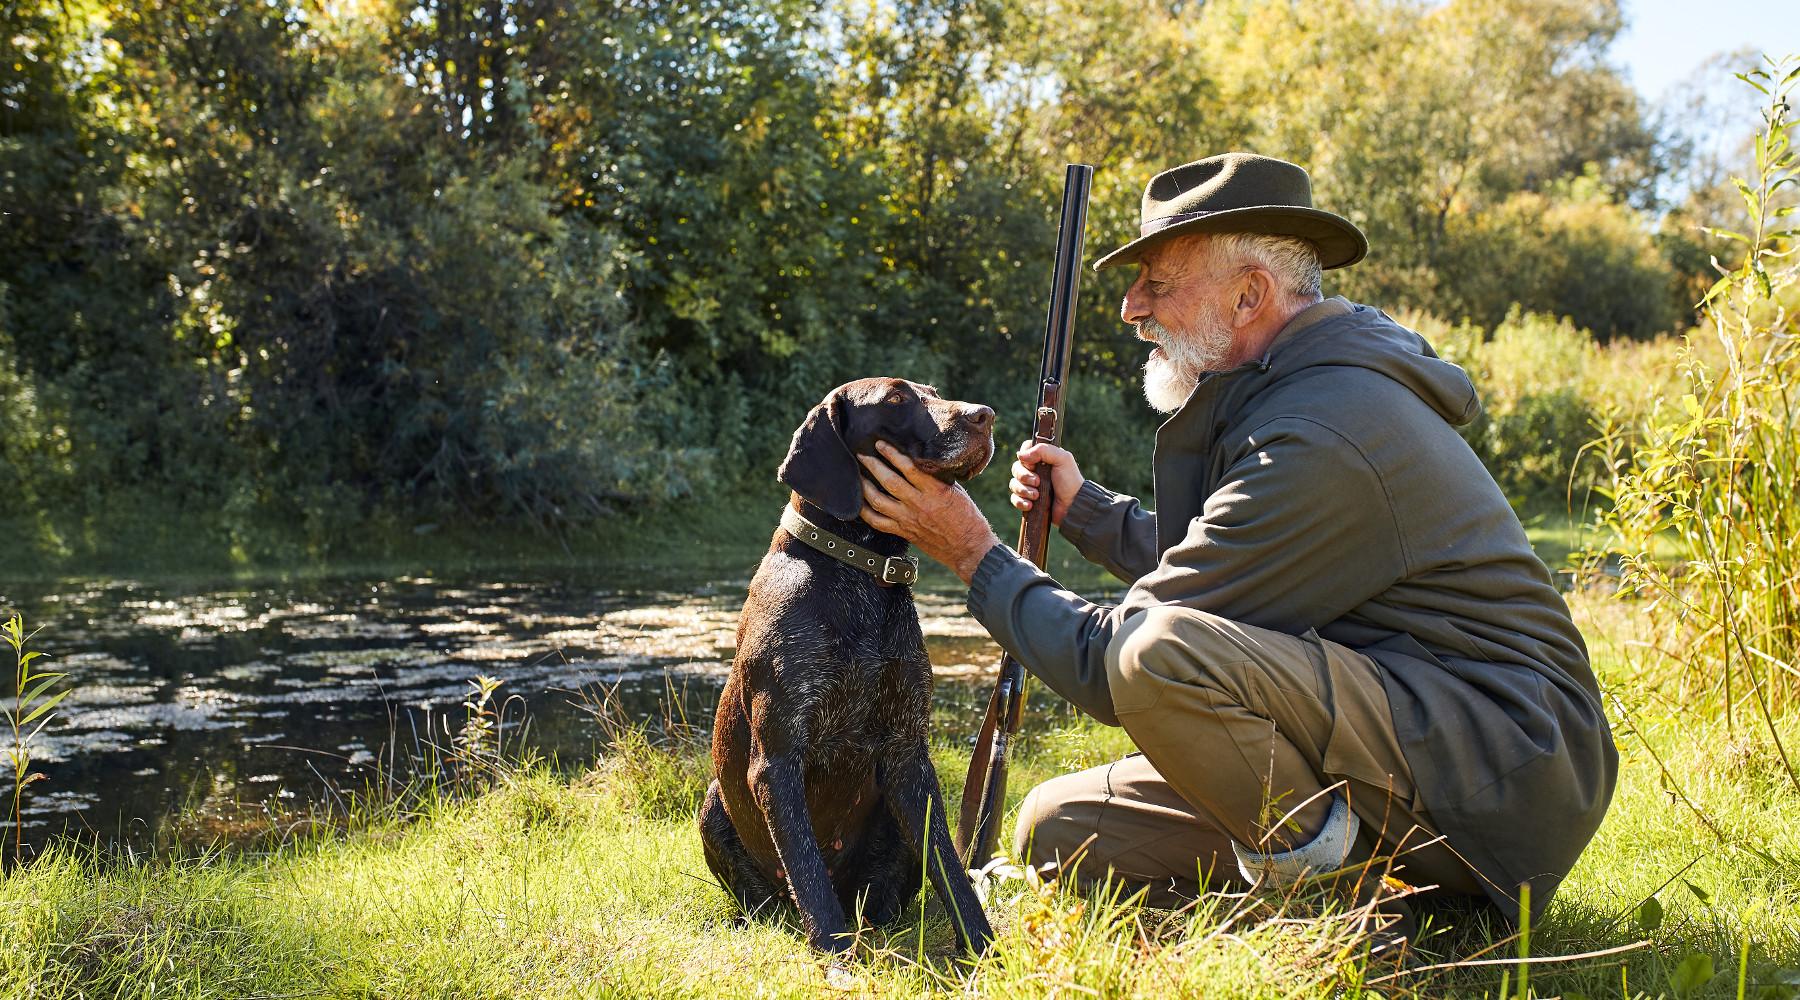 Calendario venatorio della Lombardia: cacciatore accarezza cane dopo caccia